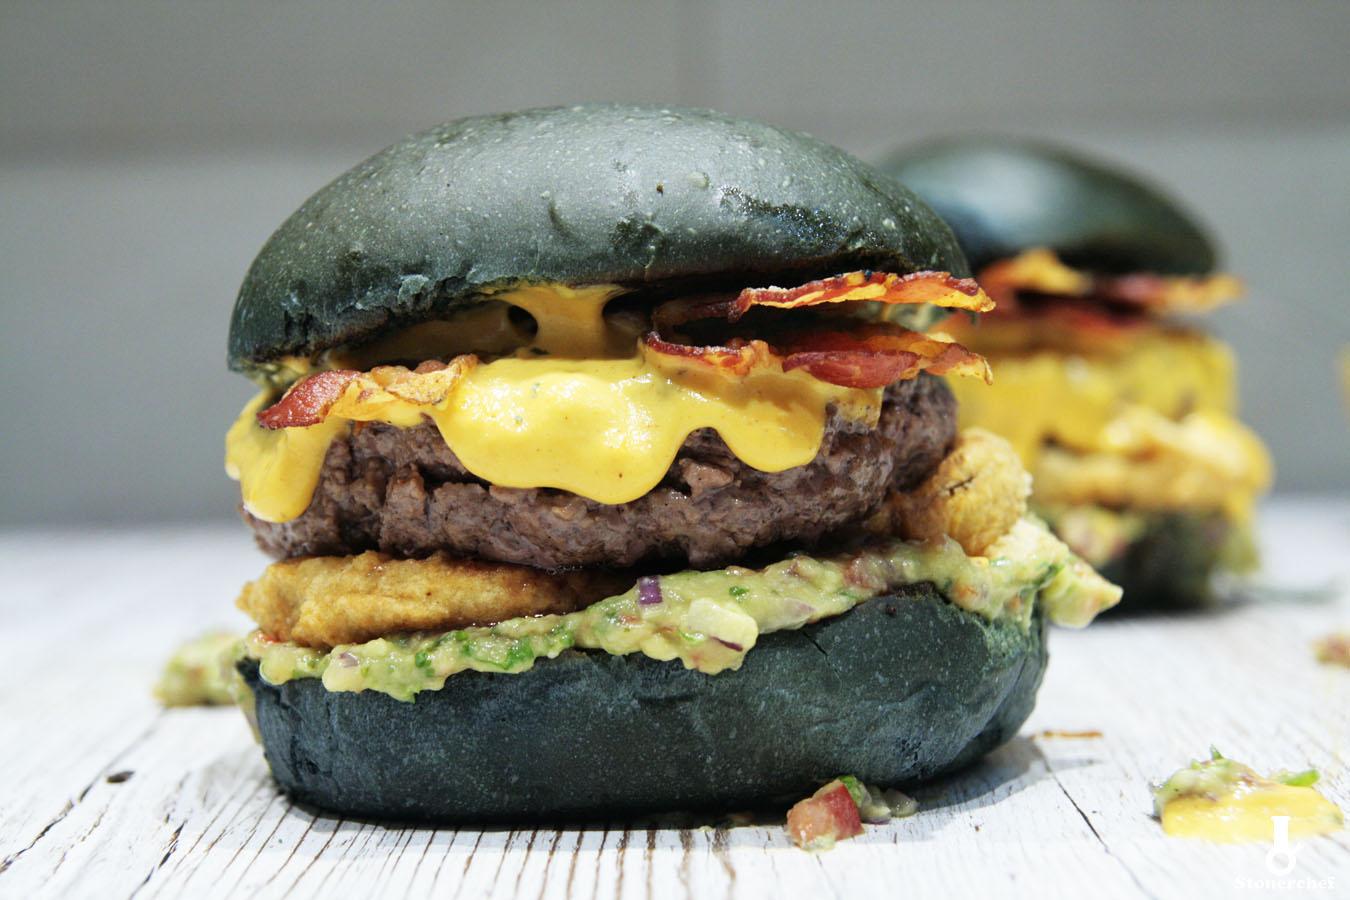 https://www.stonerchef.pl/wp-content/uploads/2017/08/zblizenie-na-burgery-z-guacamole-i-sosem-serowym.jpg